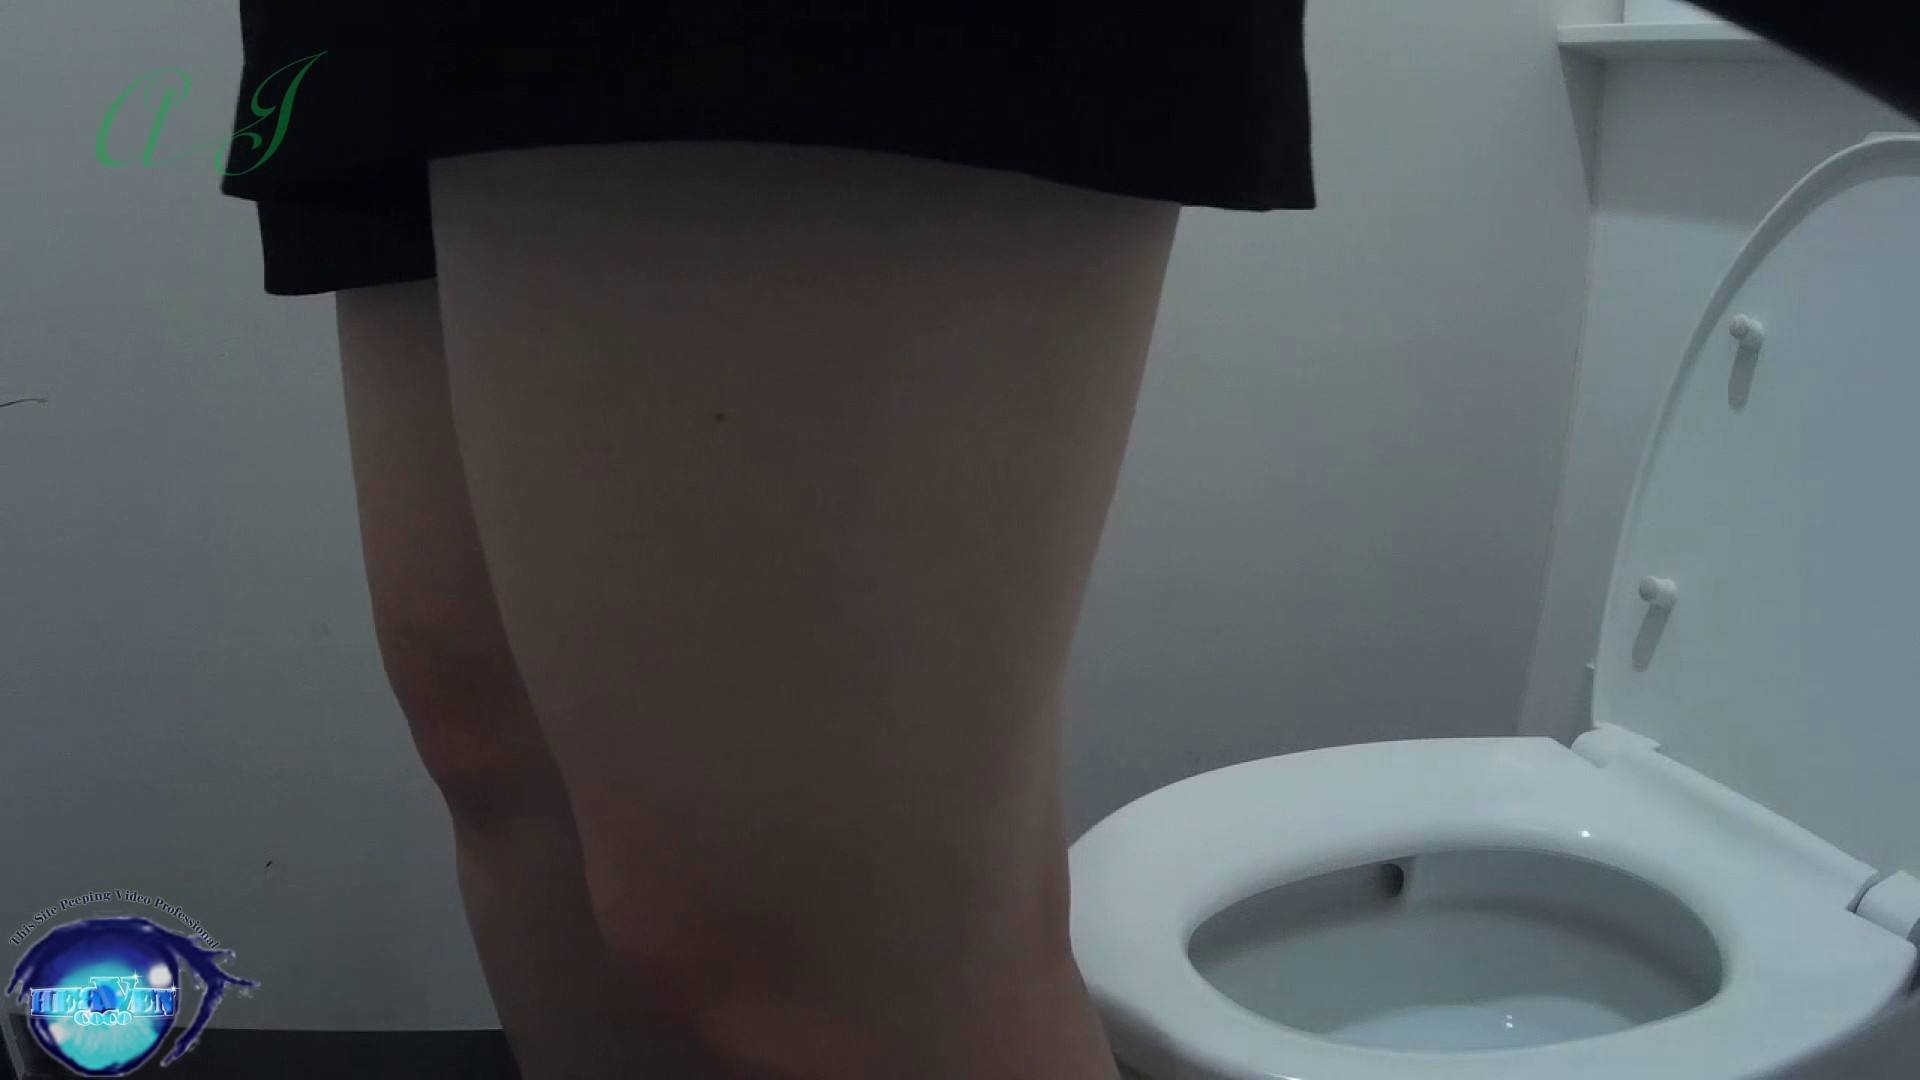 ハメ撮り|有名大学女性洗面所 vol.69可憐な女子の裏にあるオシリ・・・|のぞき本舗 中村屋